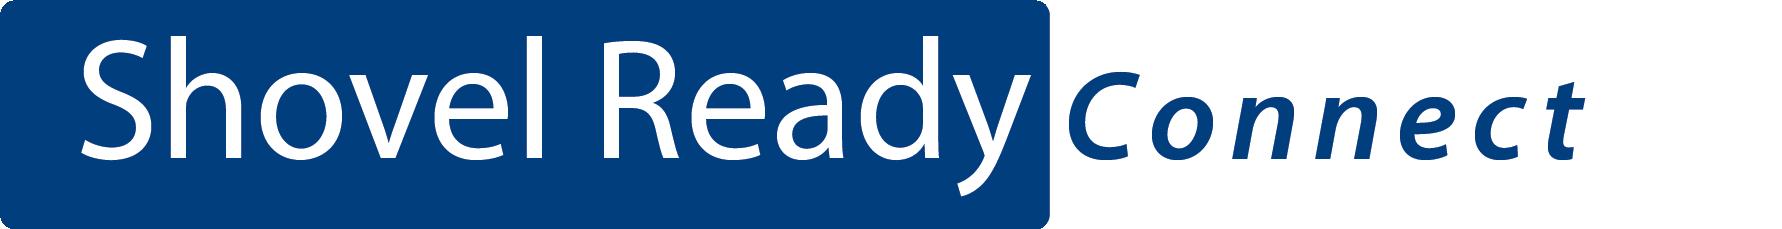 Shovel ready connect logo